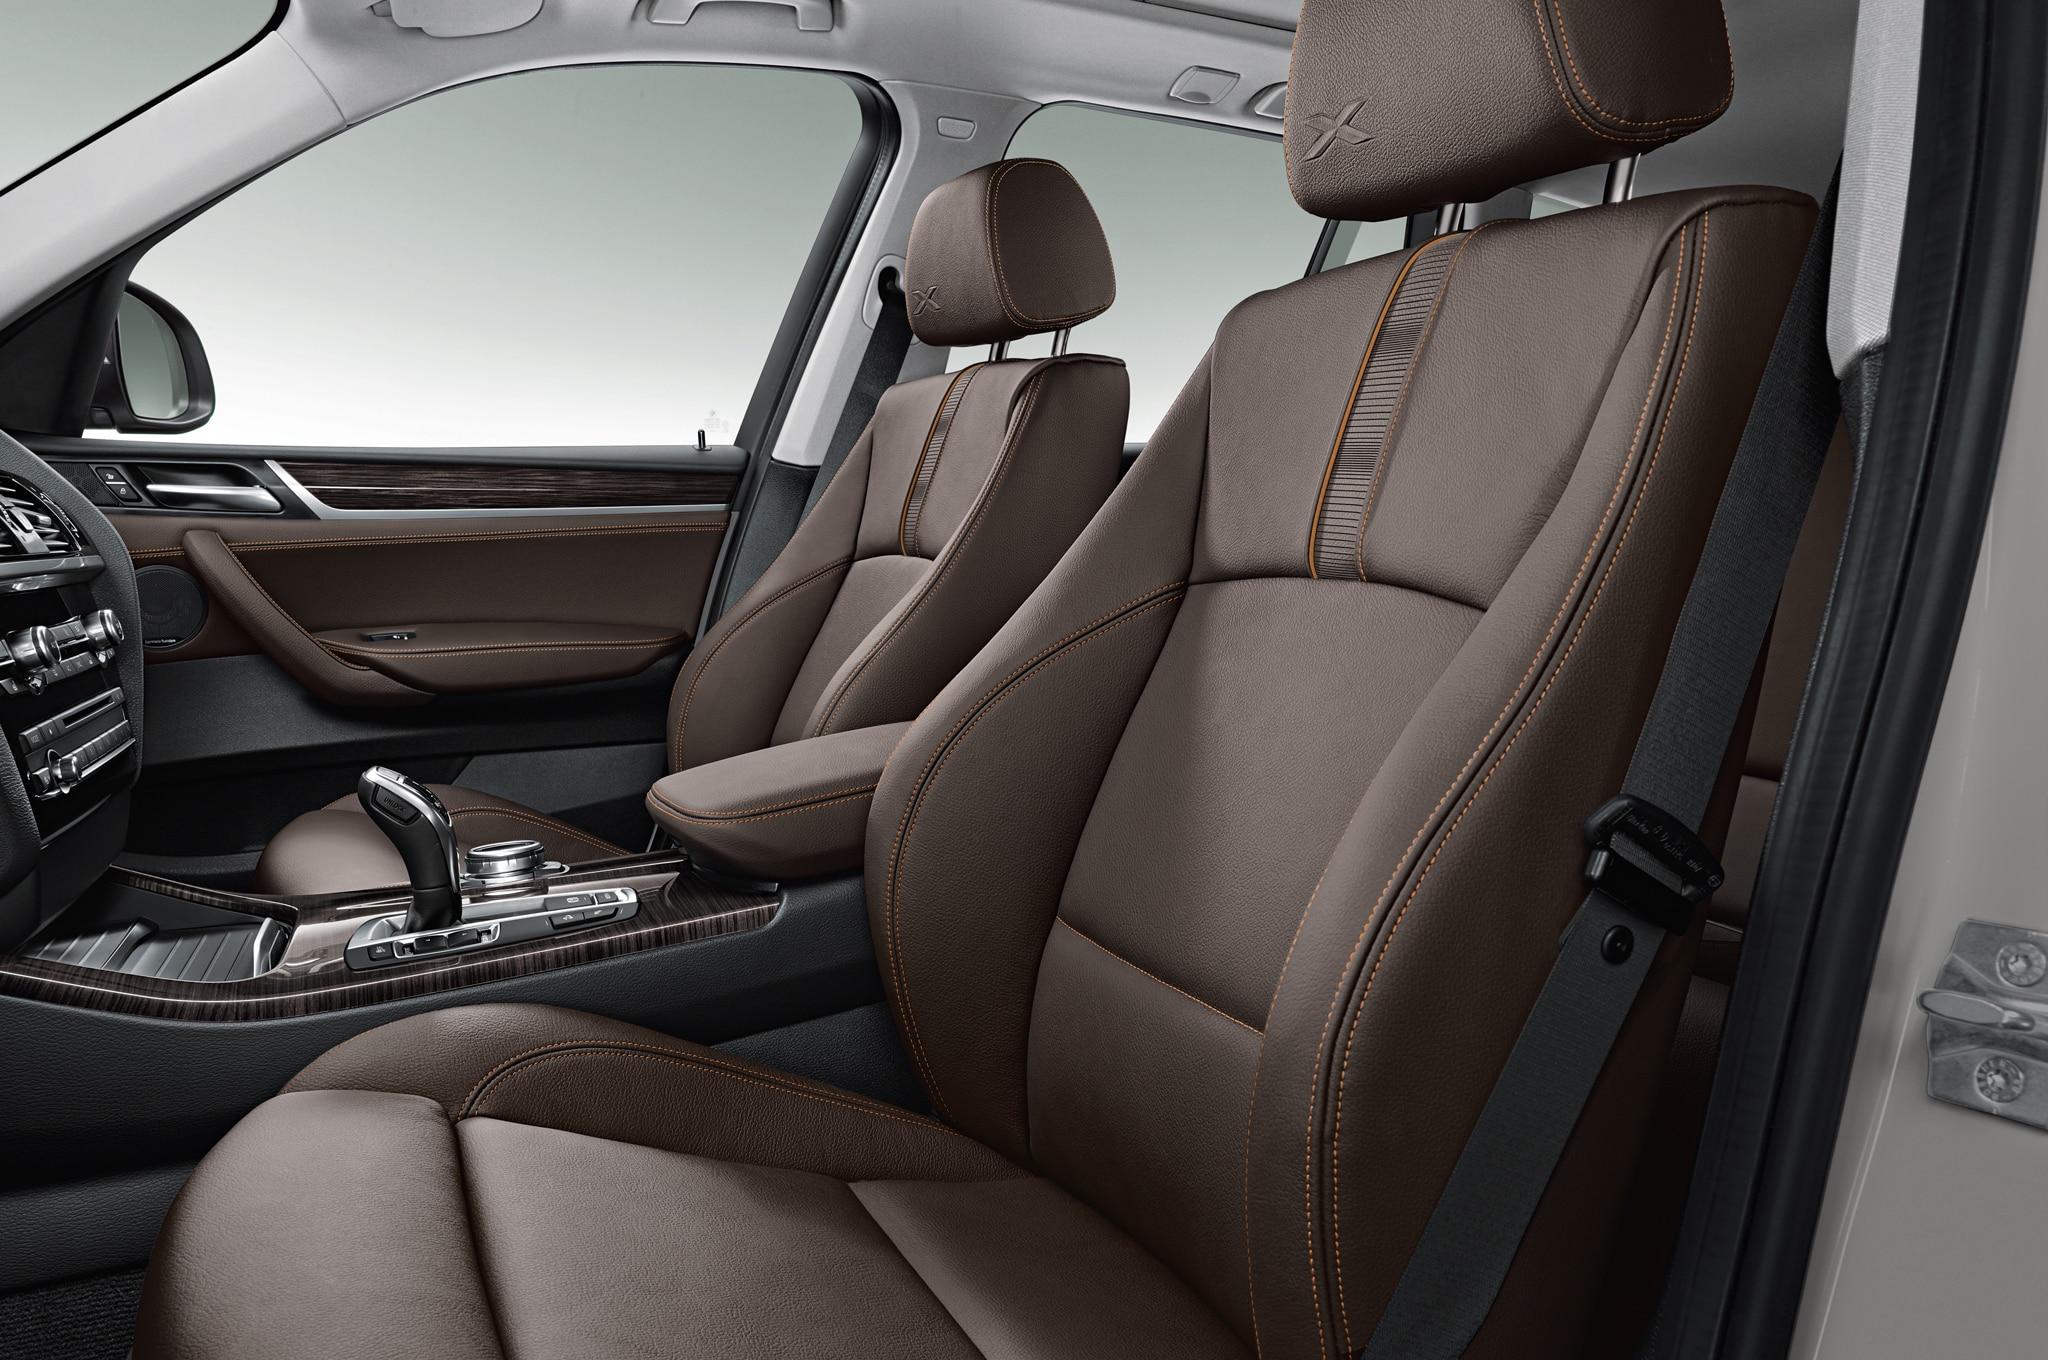 Worksheet. Refreshed 2015 BMW X3 Revealed  Automobile Magazine